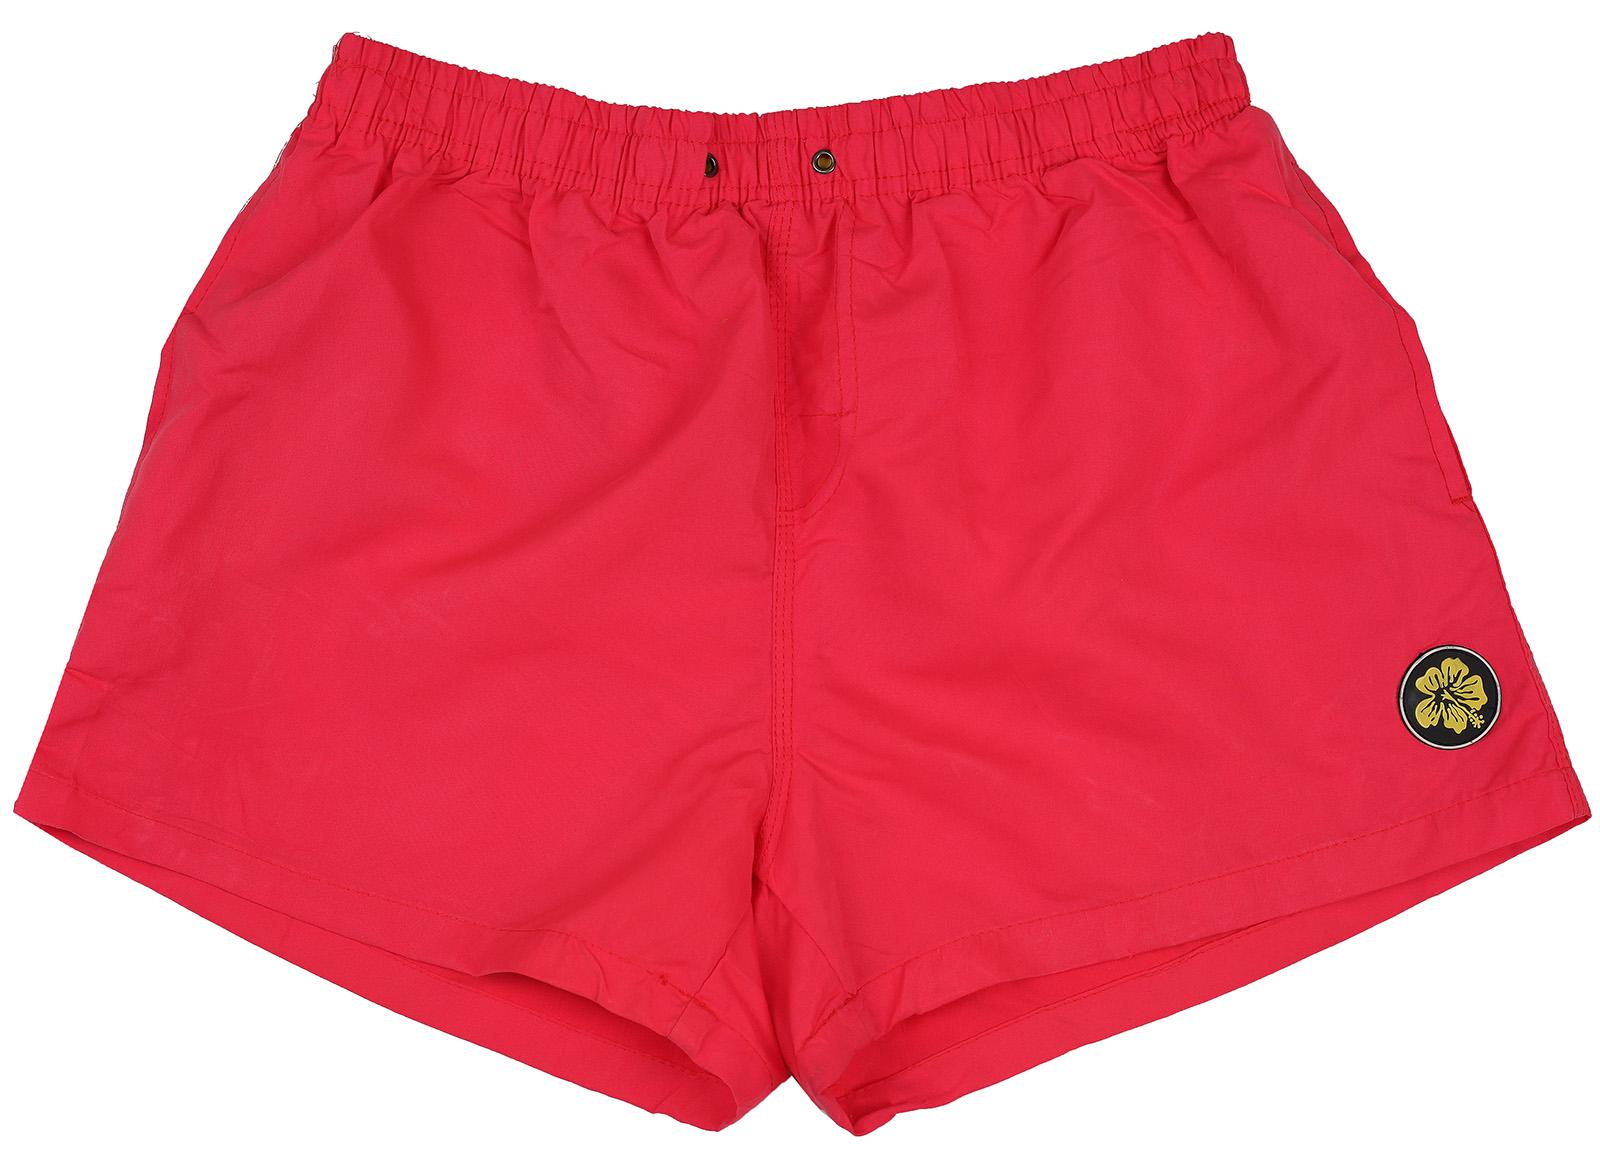 Яркие мужские шорты  - купить в интернет-магазине с доставкой